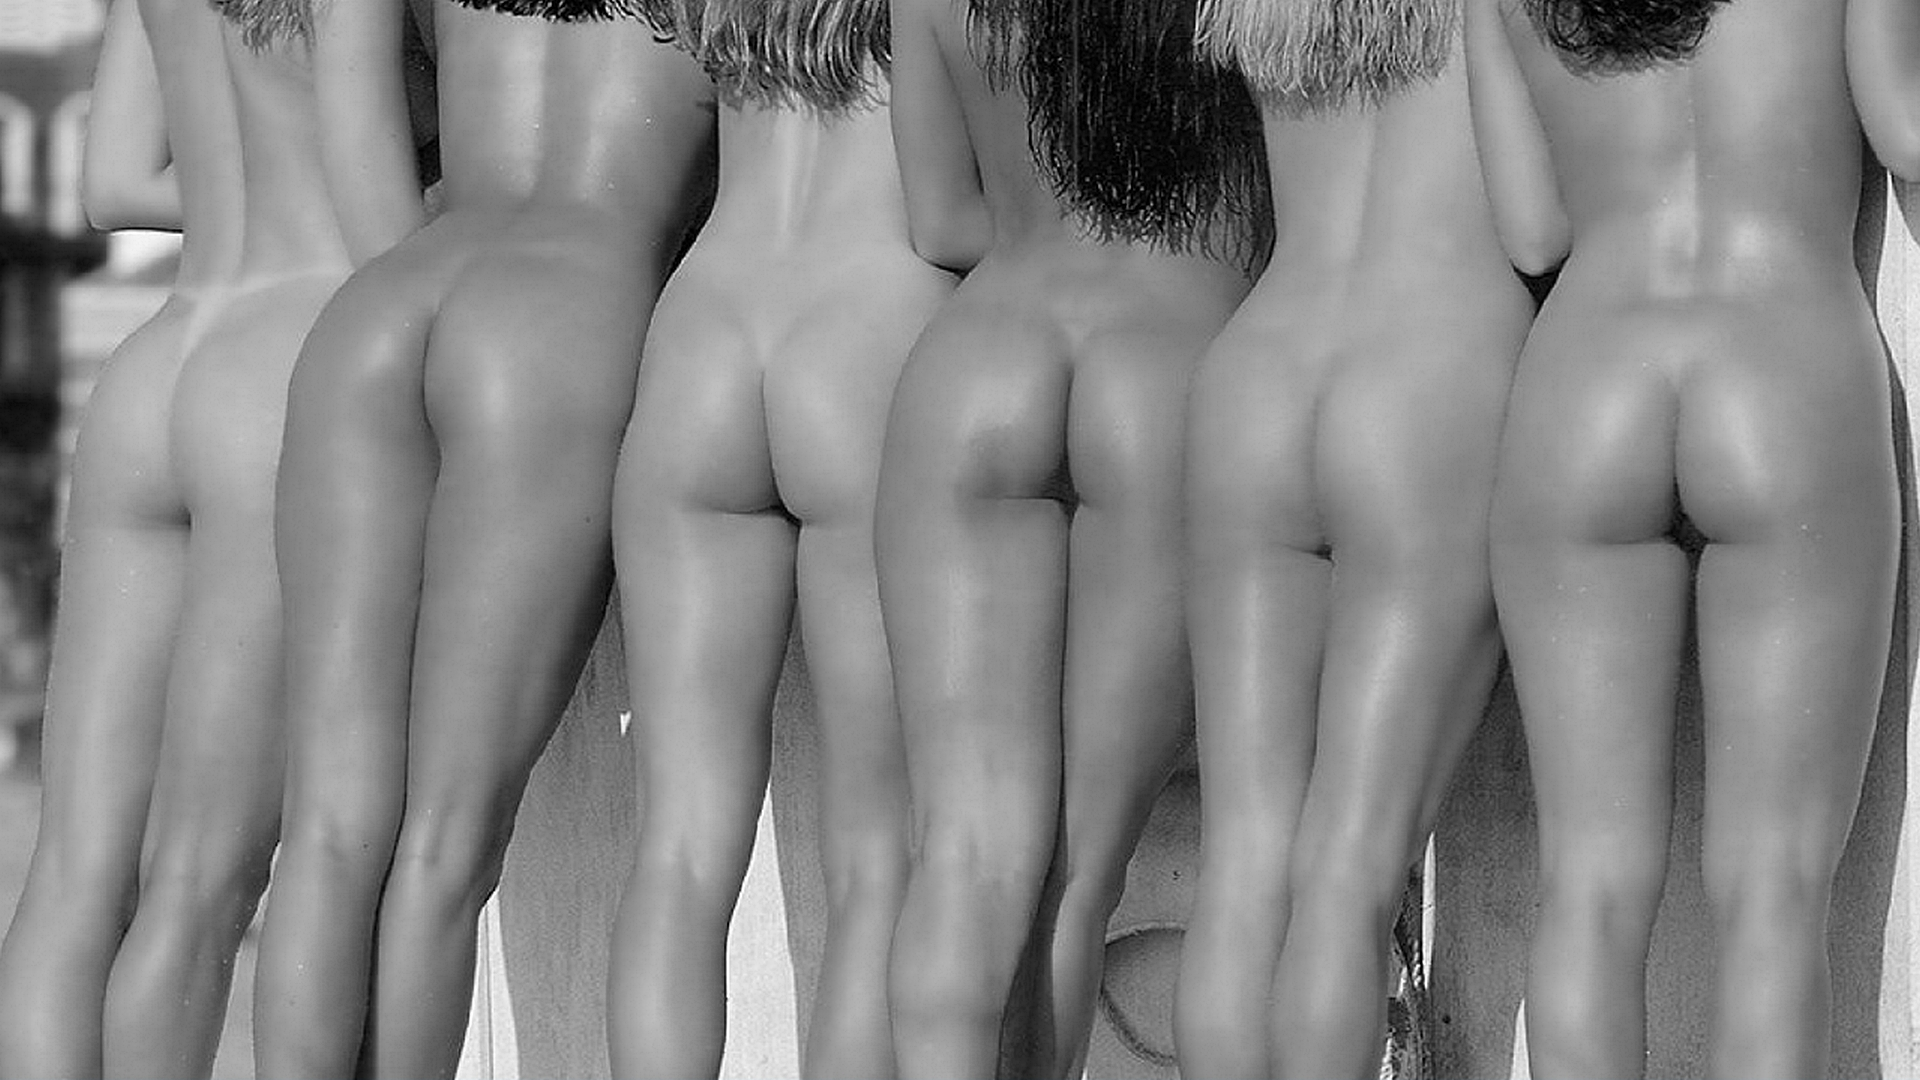 Эротические картинки женские попы 3 фотография